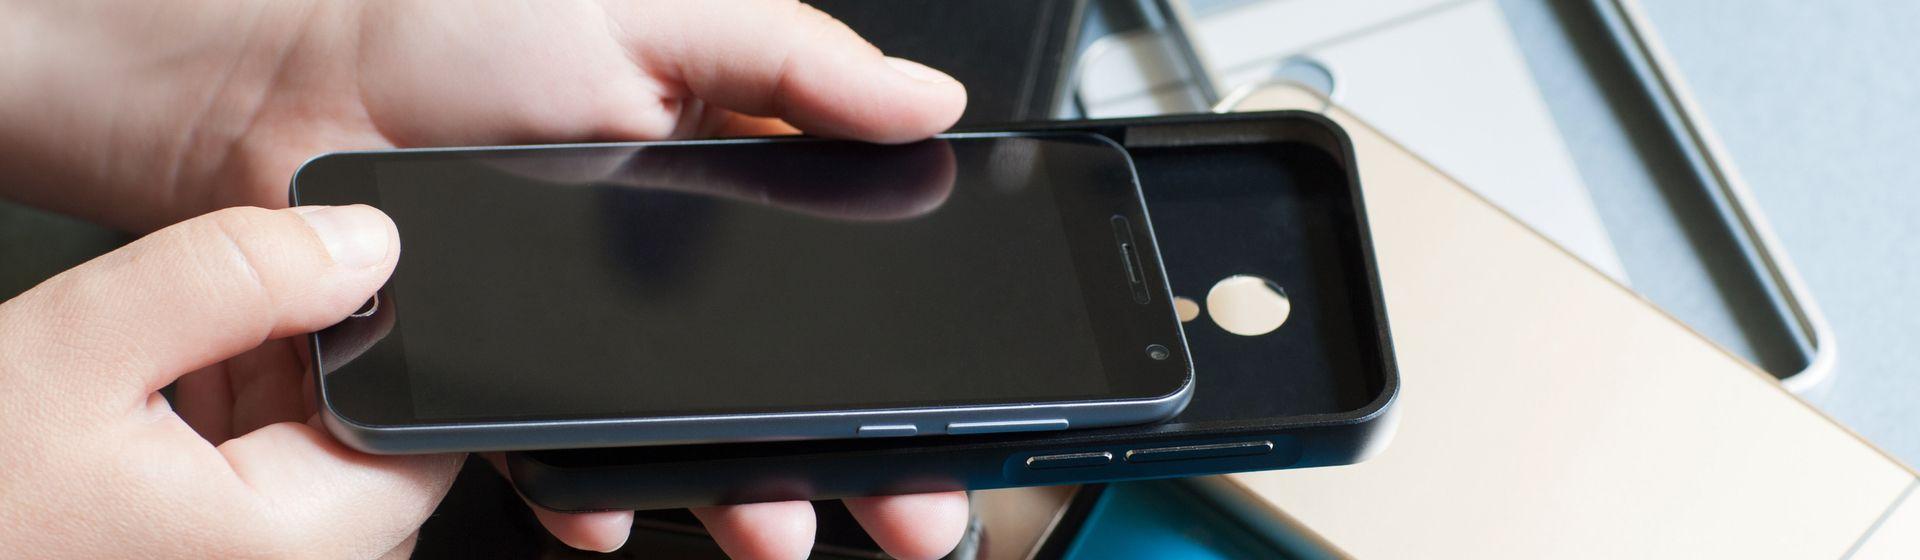 Como escolher capa de celular? Conheça os 5 tipos mais comuns